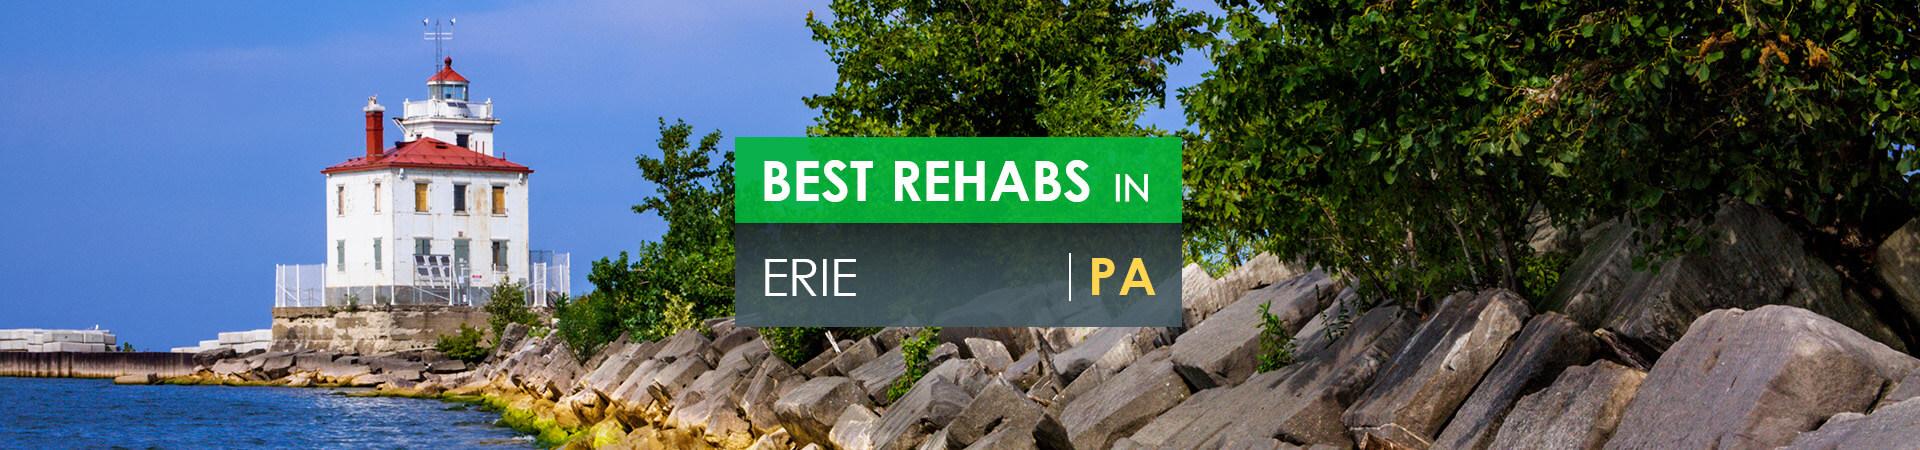 Best rehabs in Erie, PA